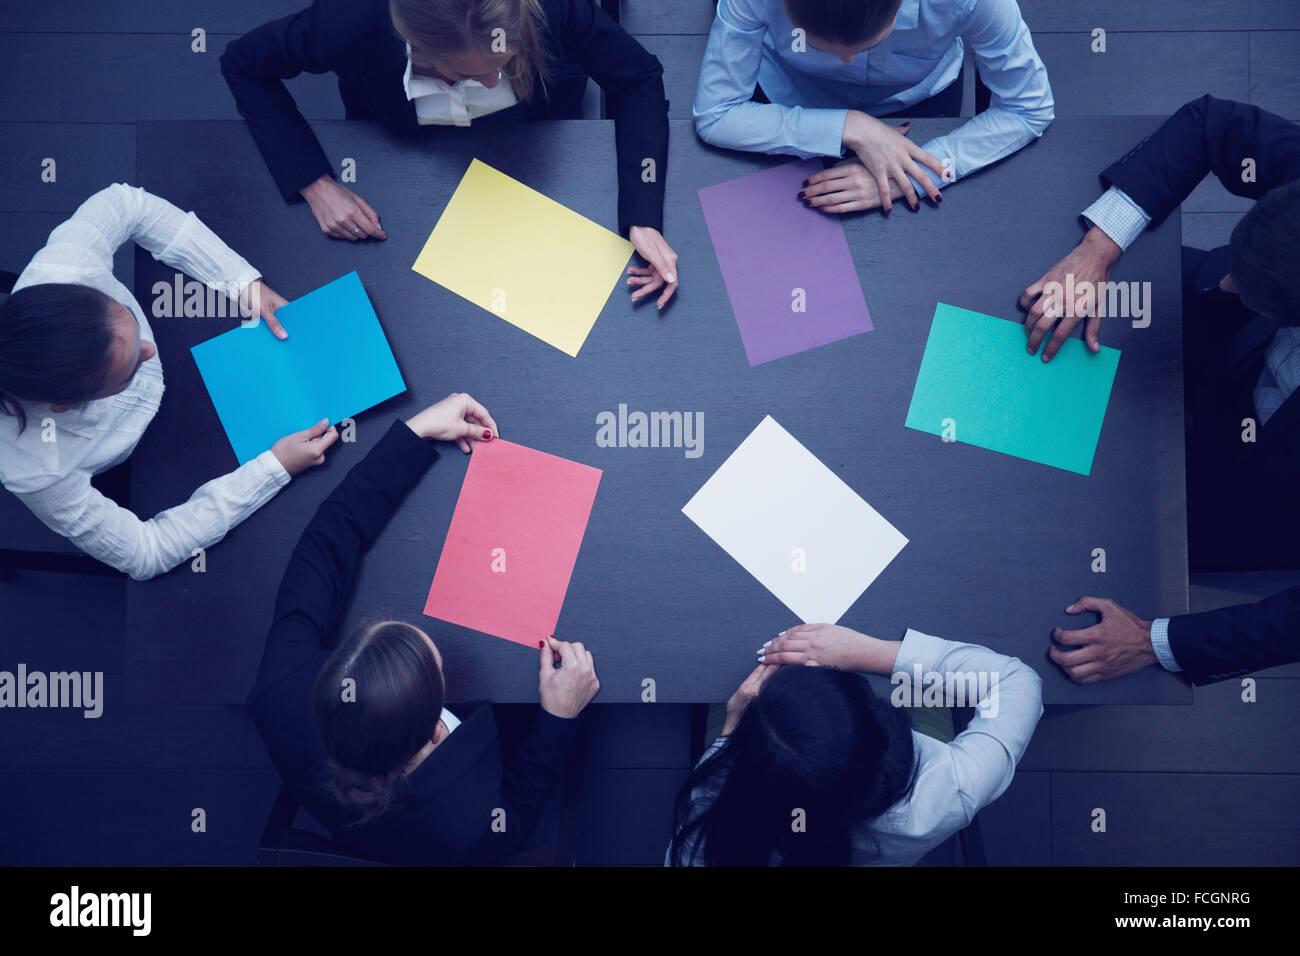 Gruppe von Geschäftsleuten mit bunten Blankopapier, neues Projektkonzept Stockbild